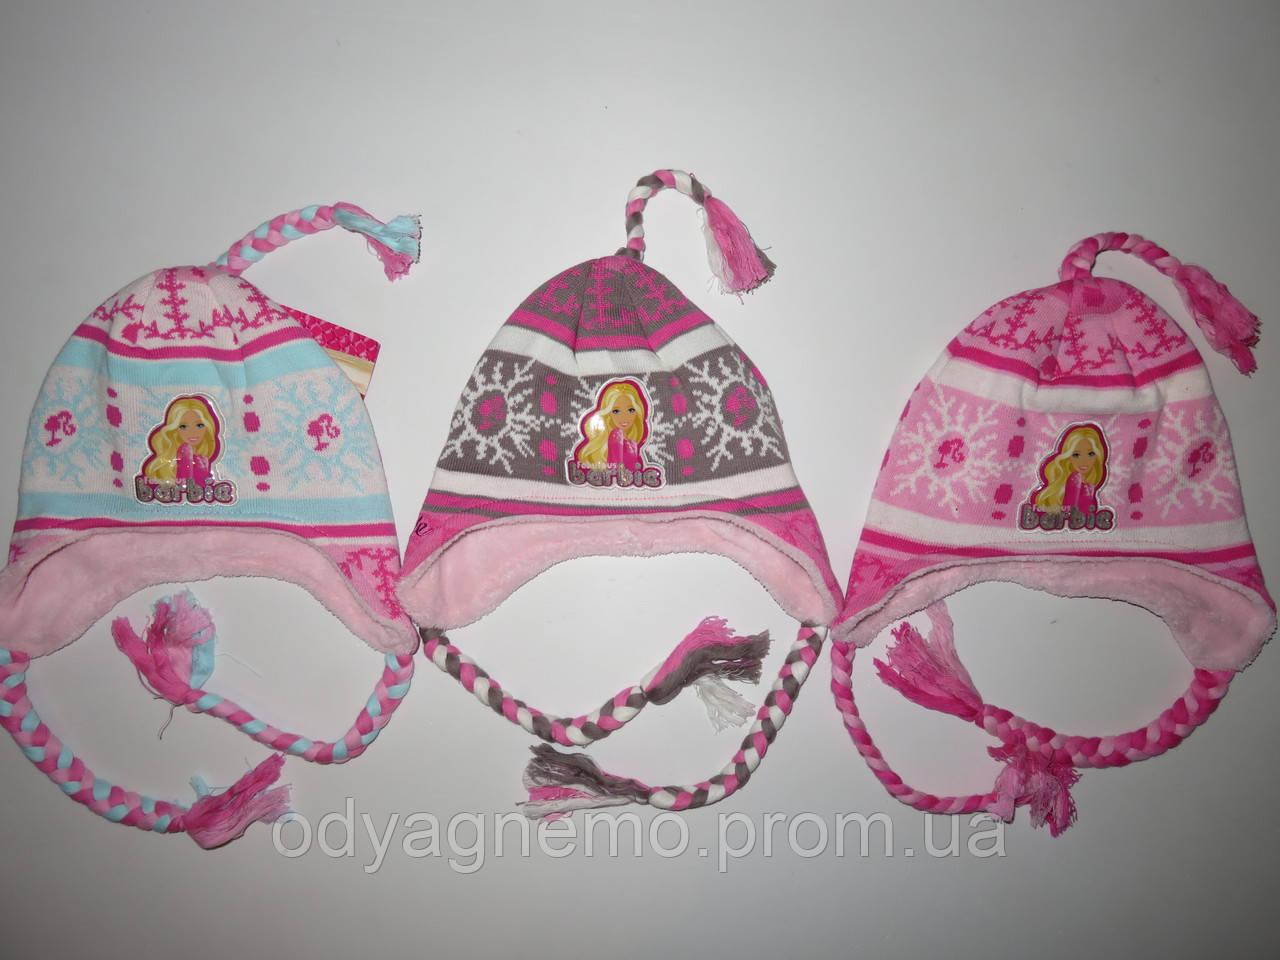 Шапка для девочек с махровой подкладкой  Barbie оптом 52-54см.